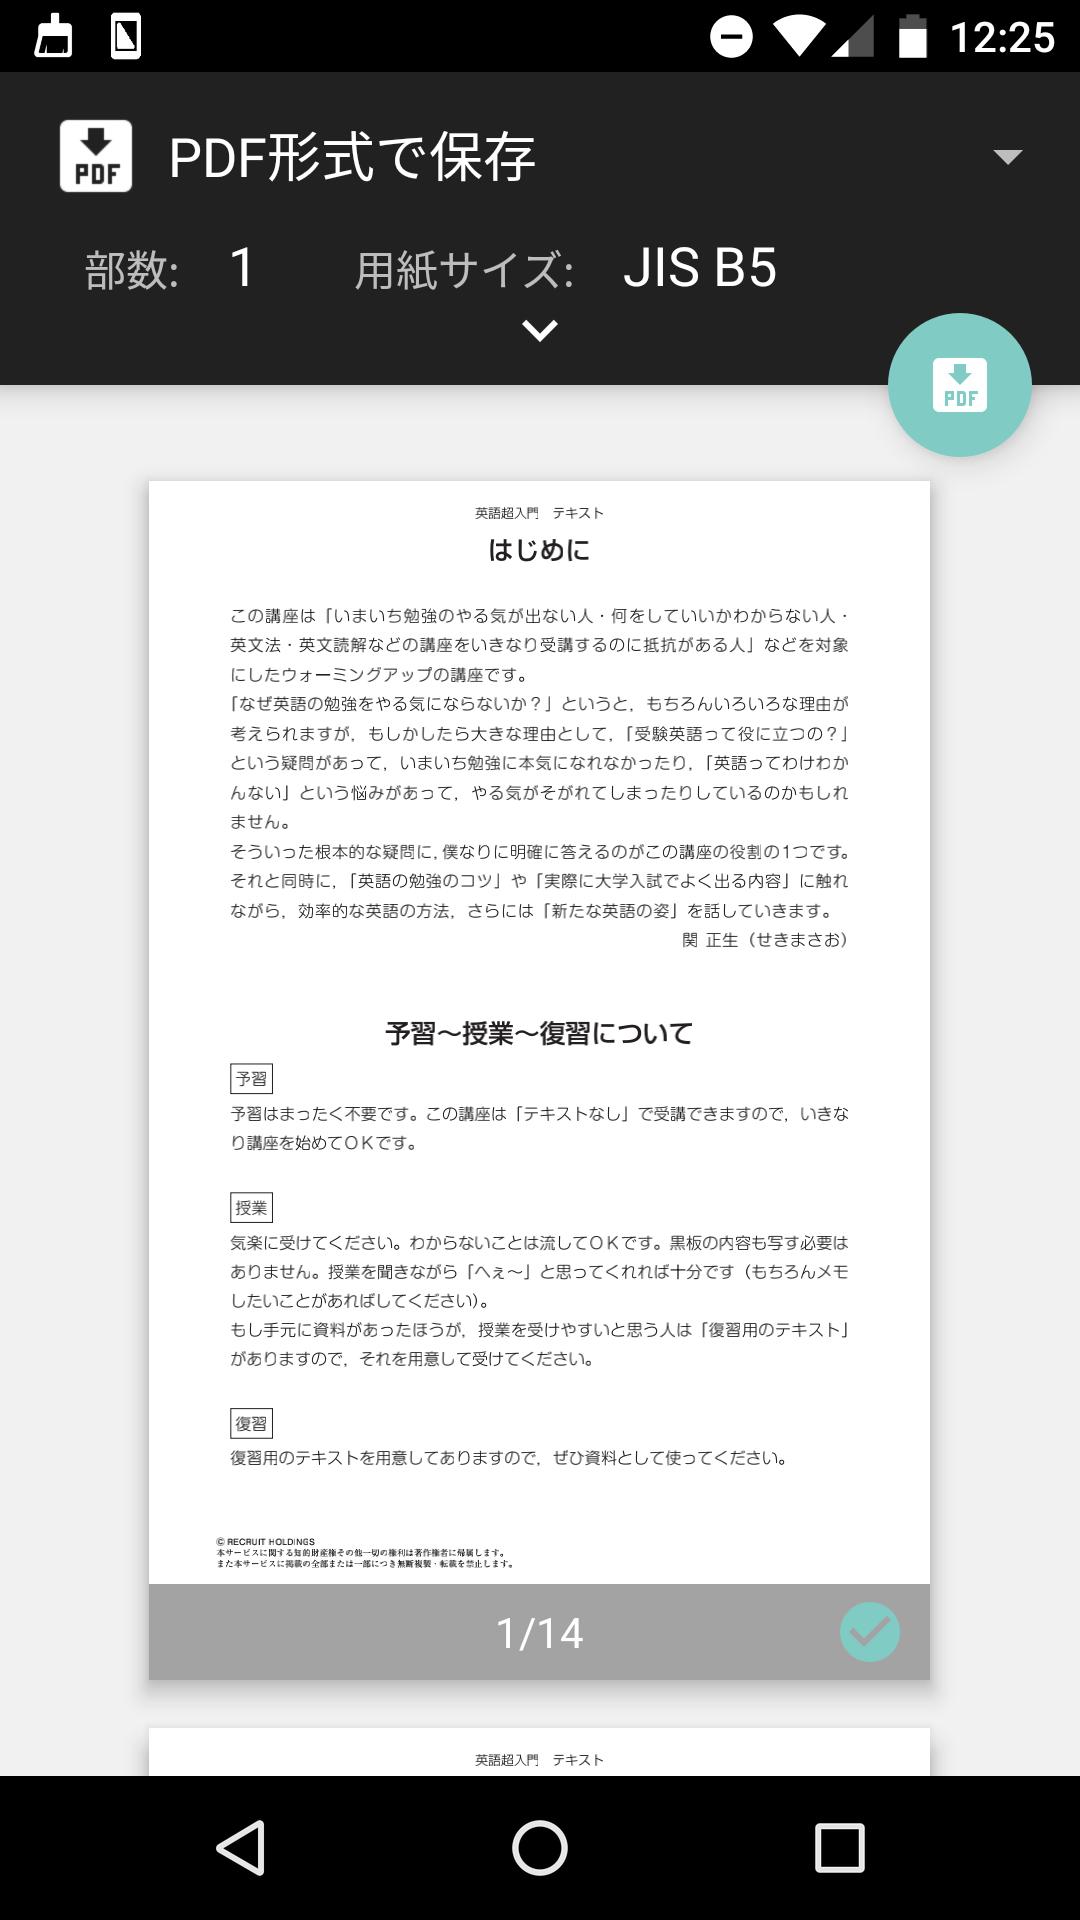 スマホ 印刷方法 4